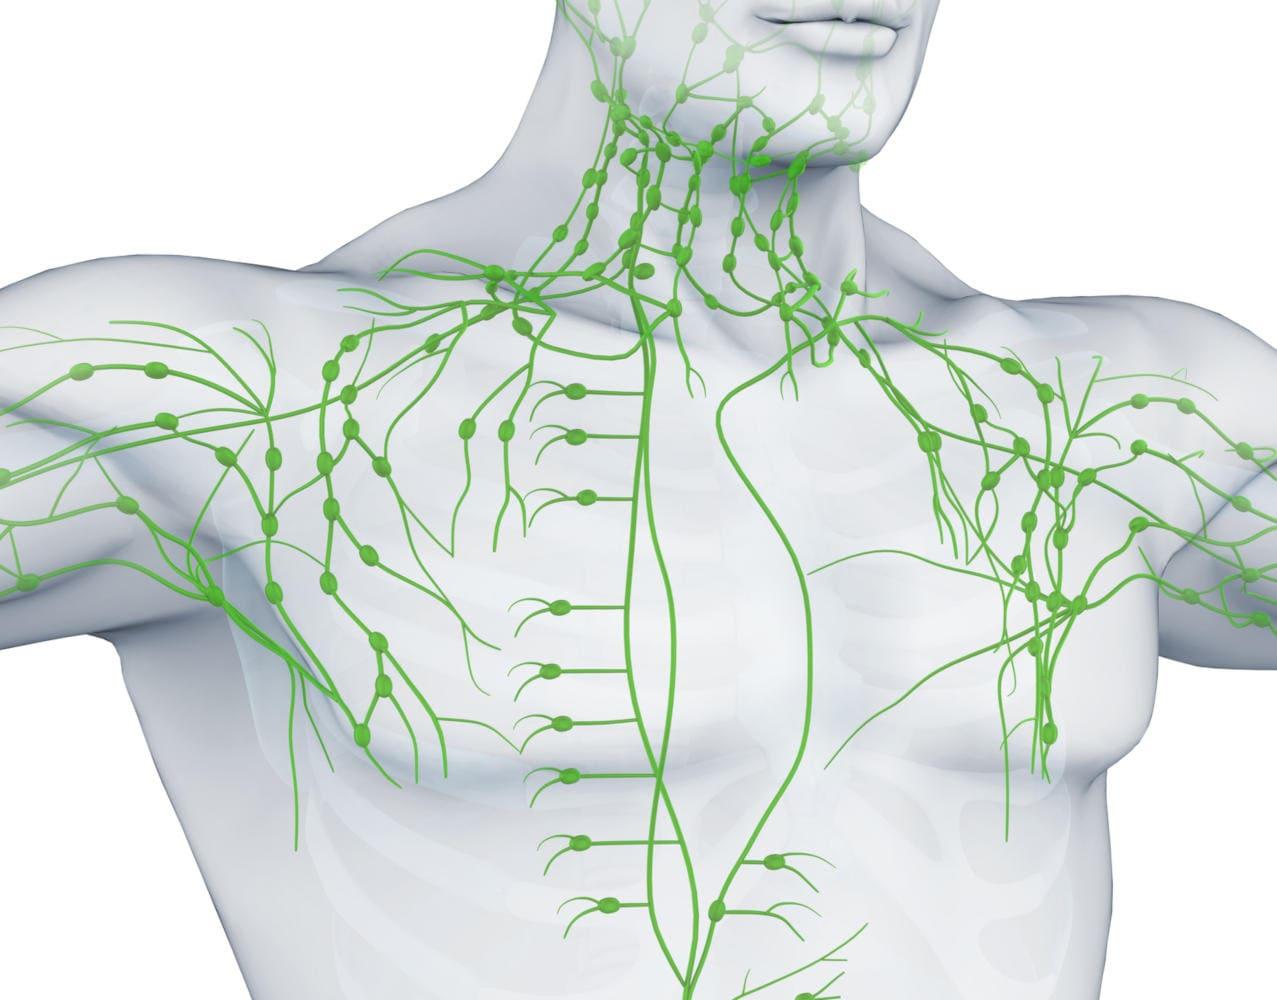 Ricostruzione grafica di alcuni linfonodi a livello di petto, ascelle e collo